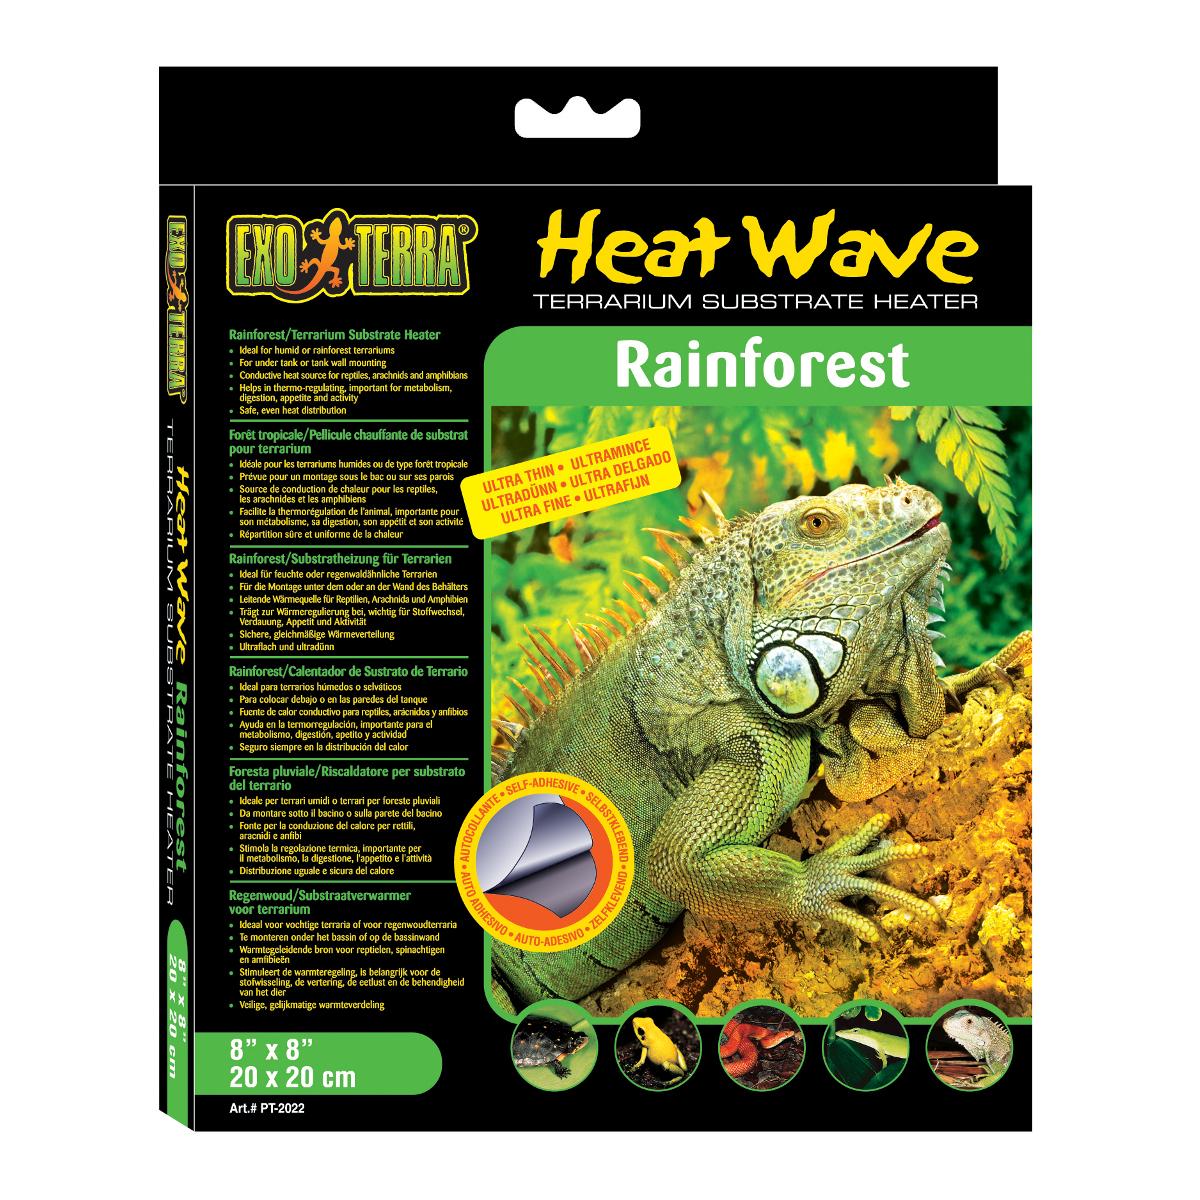 Deska topná EXO TERRA Heat Wave Rainforest malá 4 W